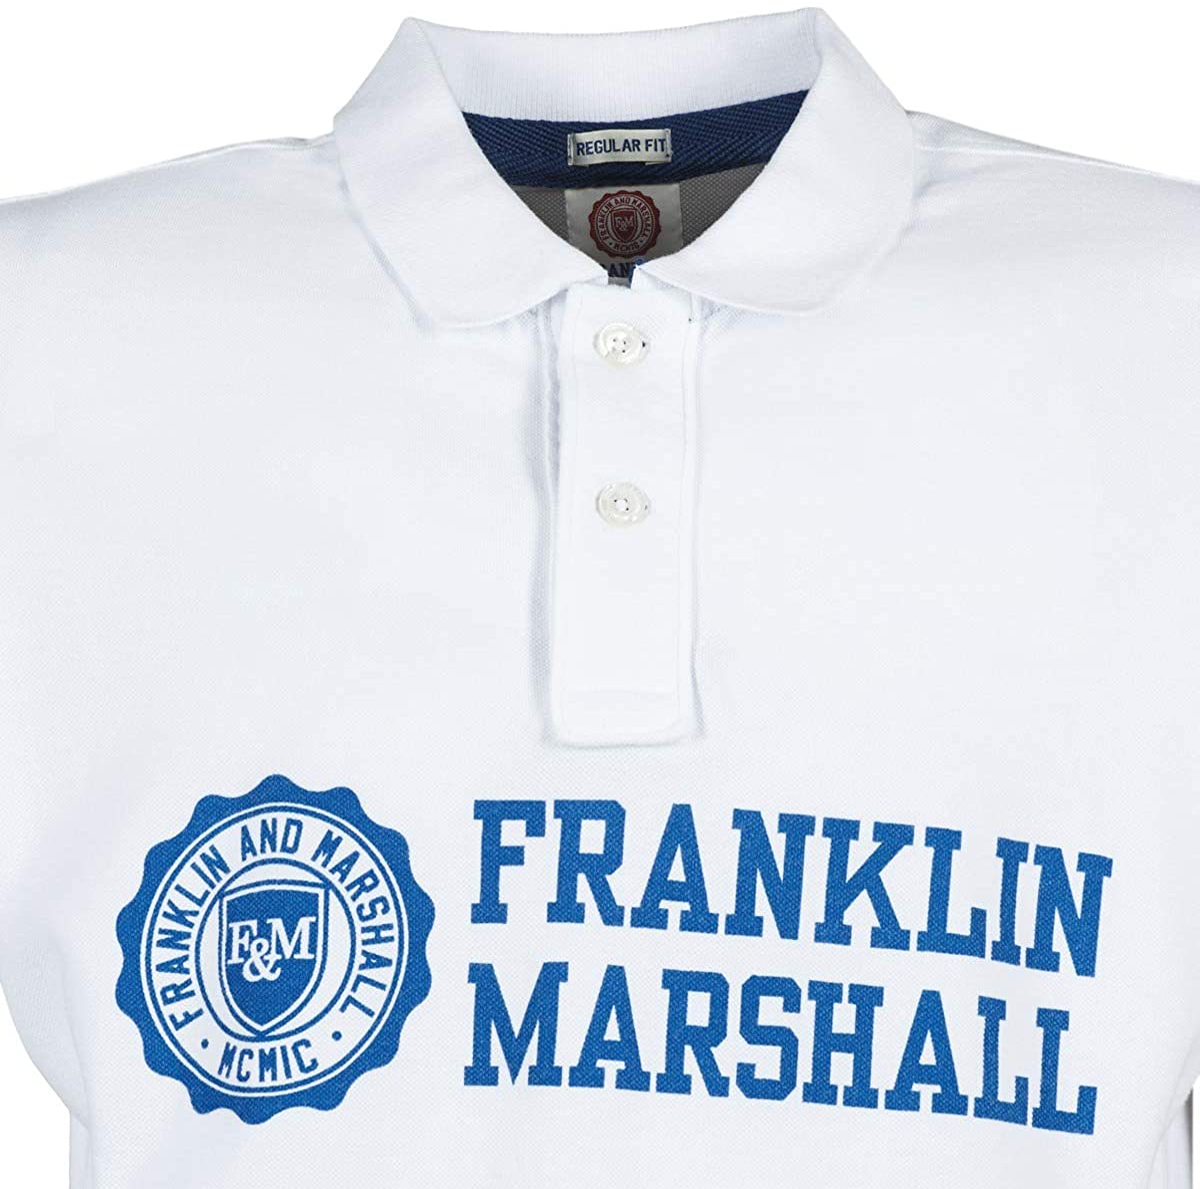 FRANKLIN & MARSHALL Aylen Tops y Camisetas Hombres Blanco Polos ...